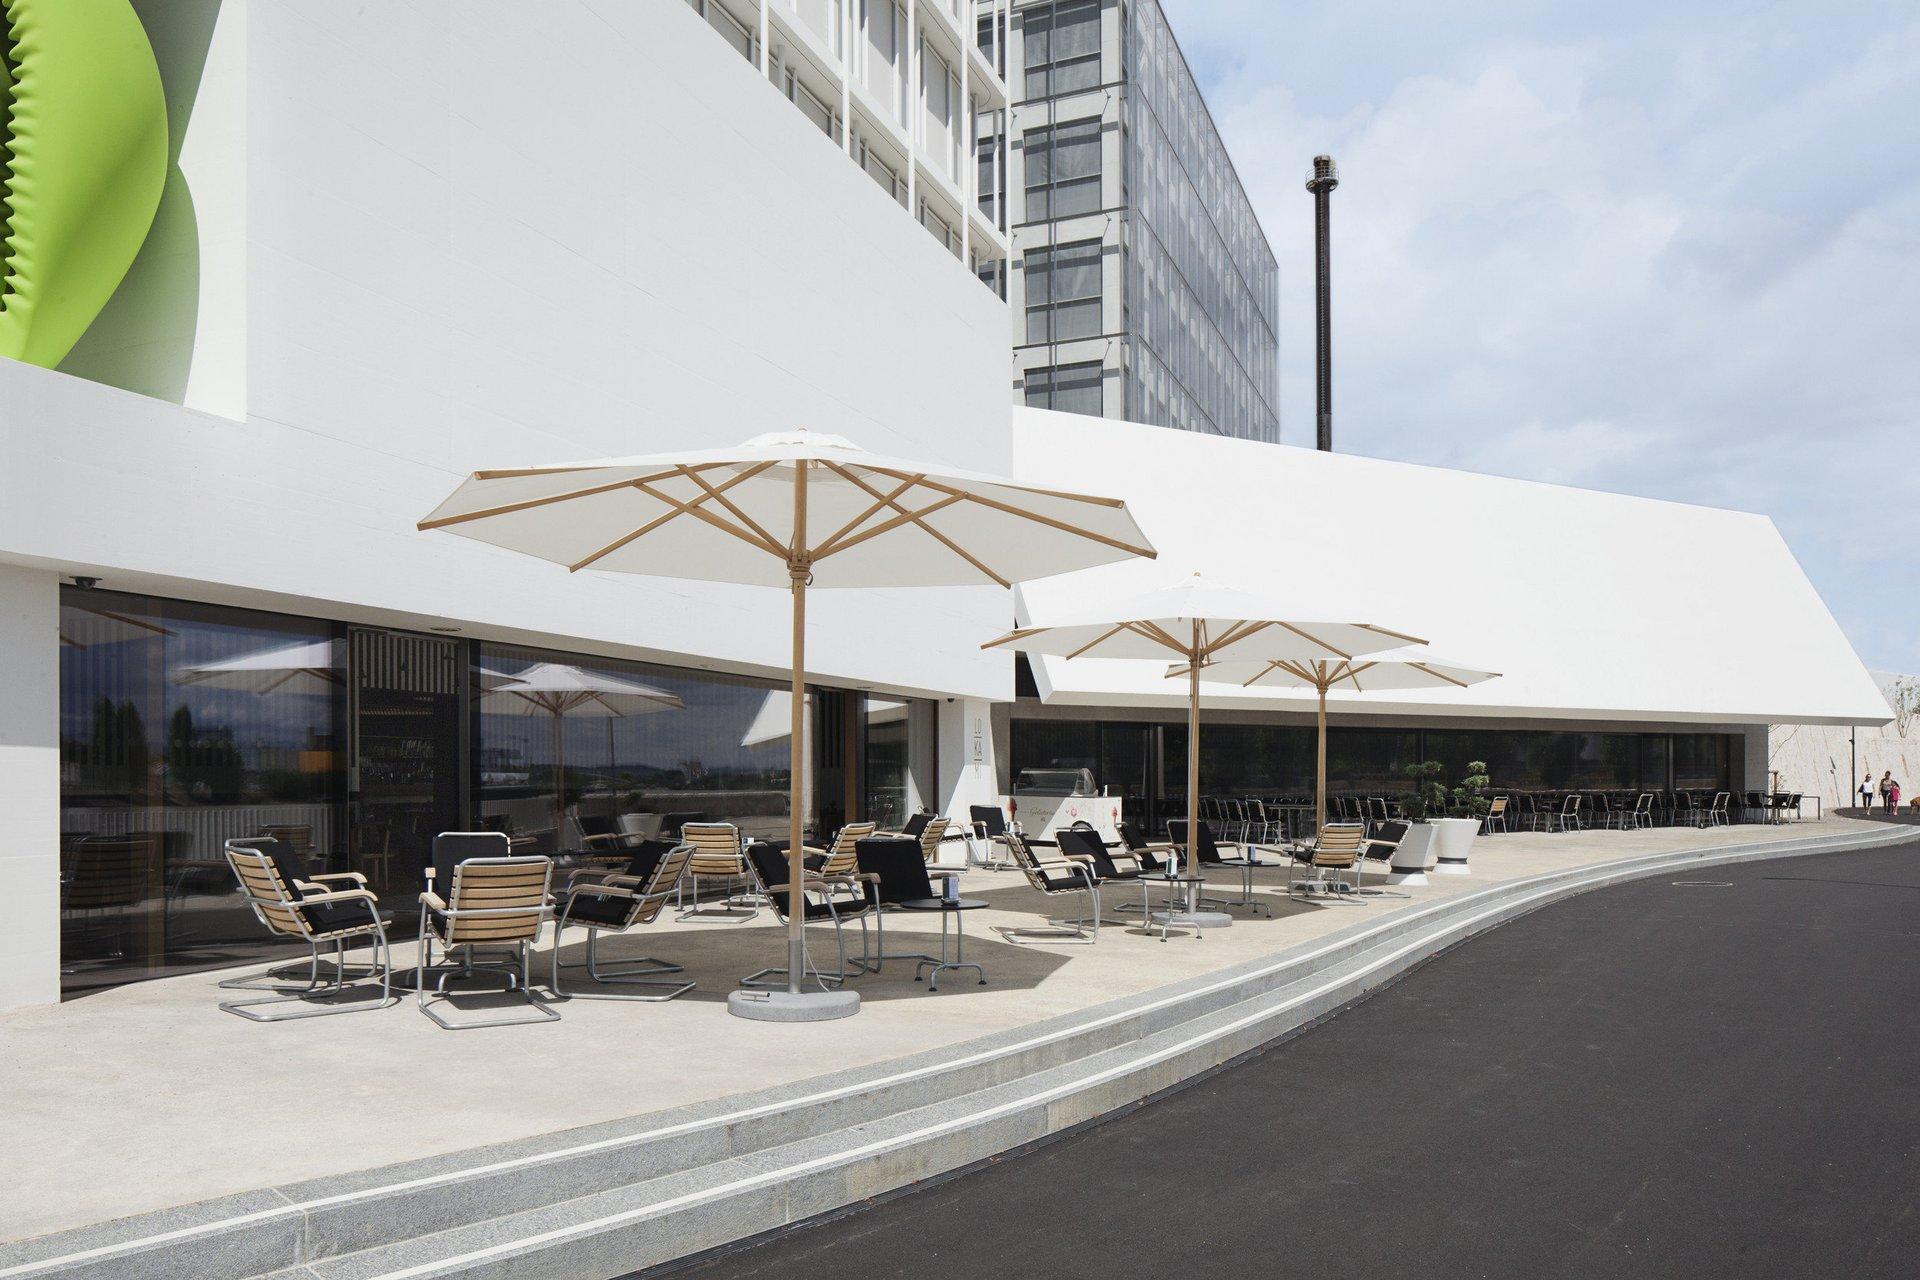 aussen modern bestuhltes Campus Cafe mit Hebe-Schiebetüren in SG-Verglasung